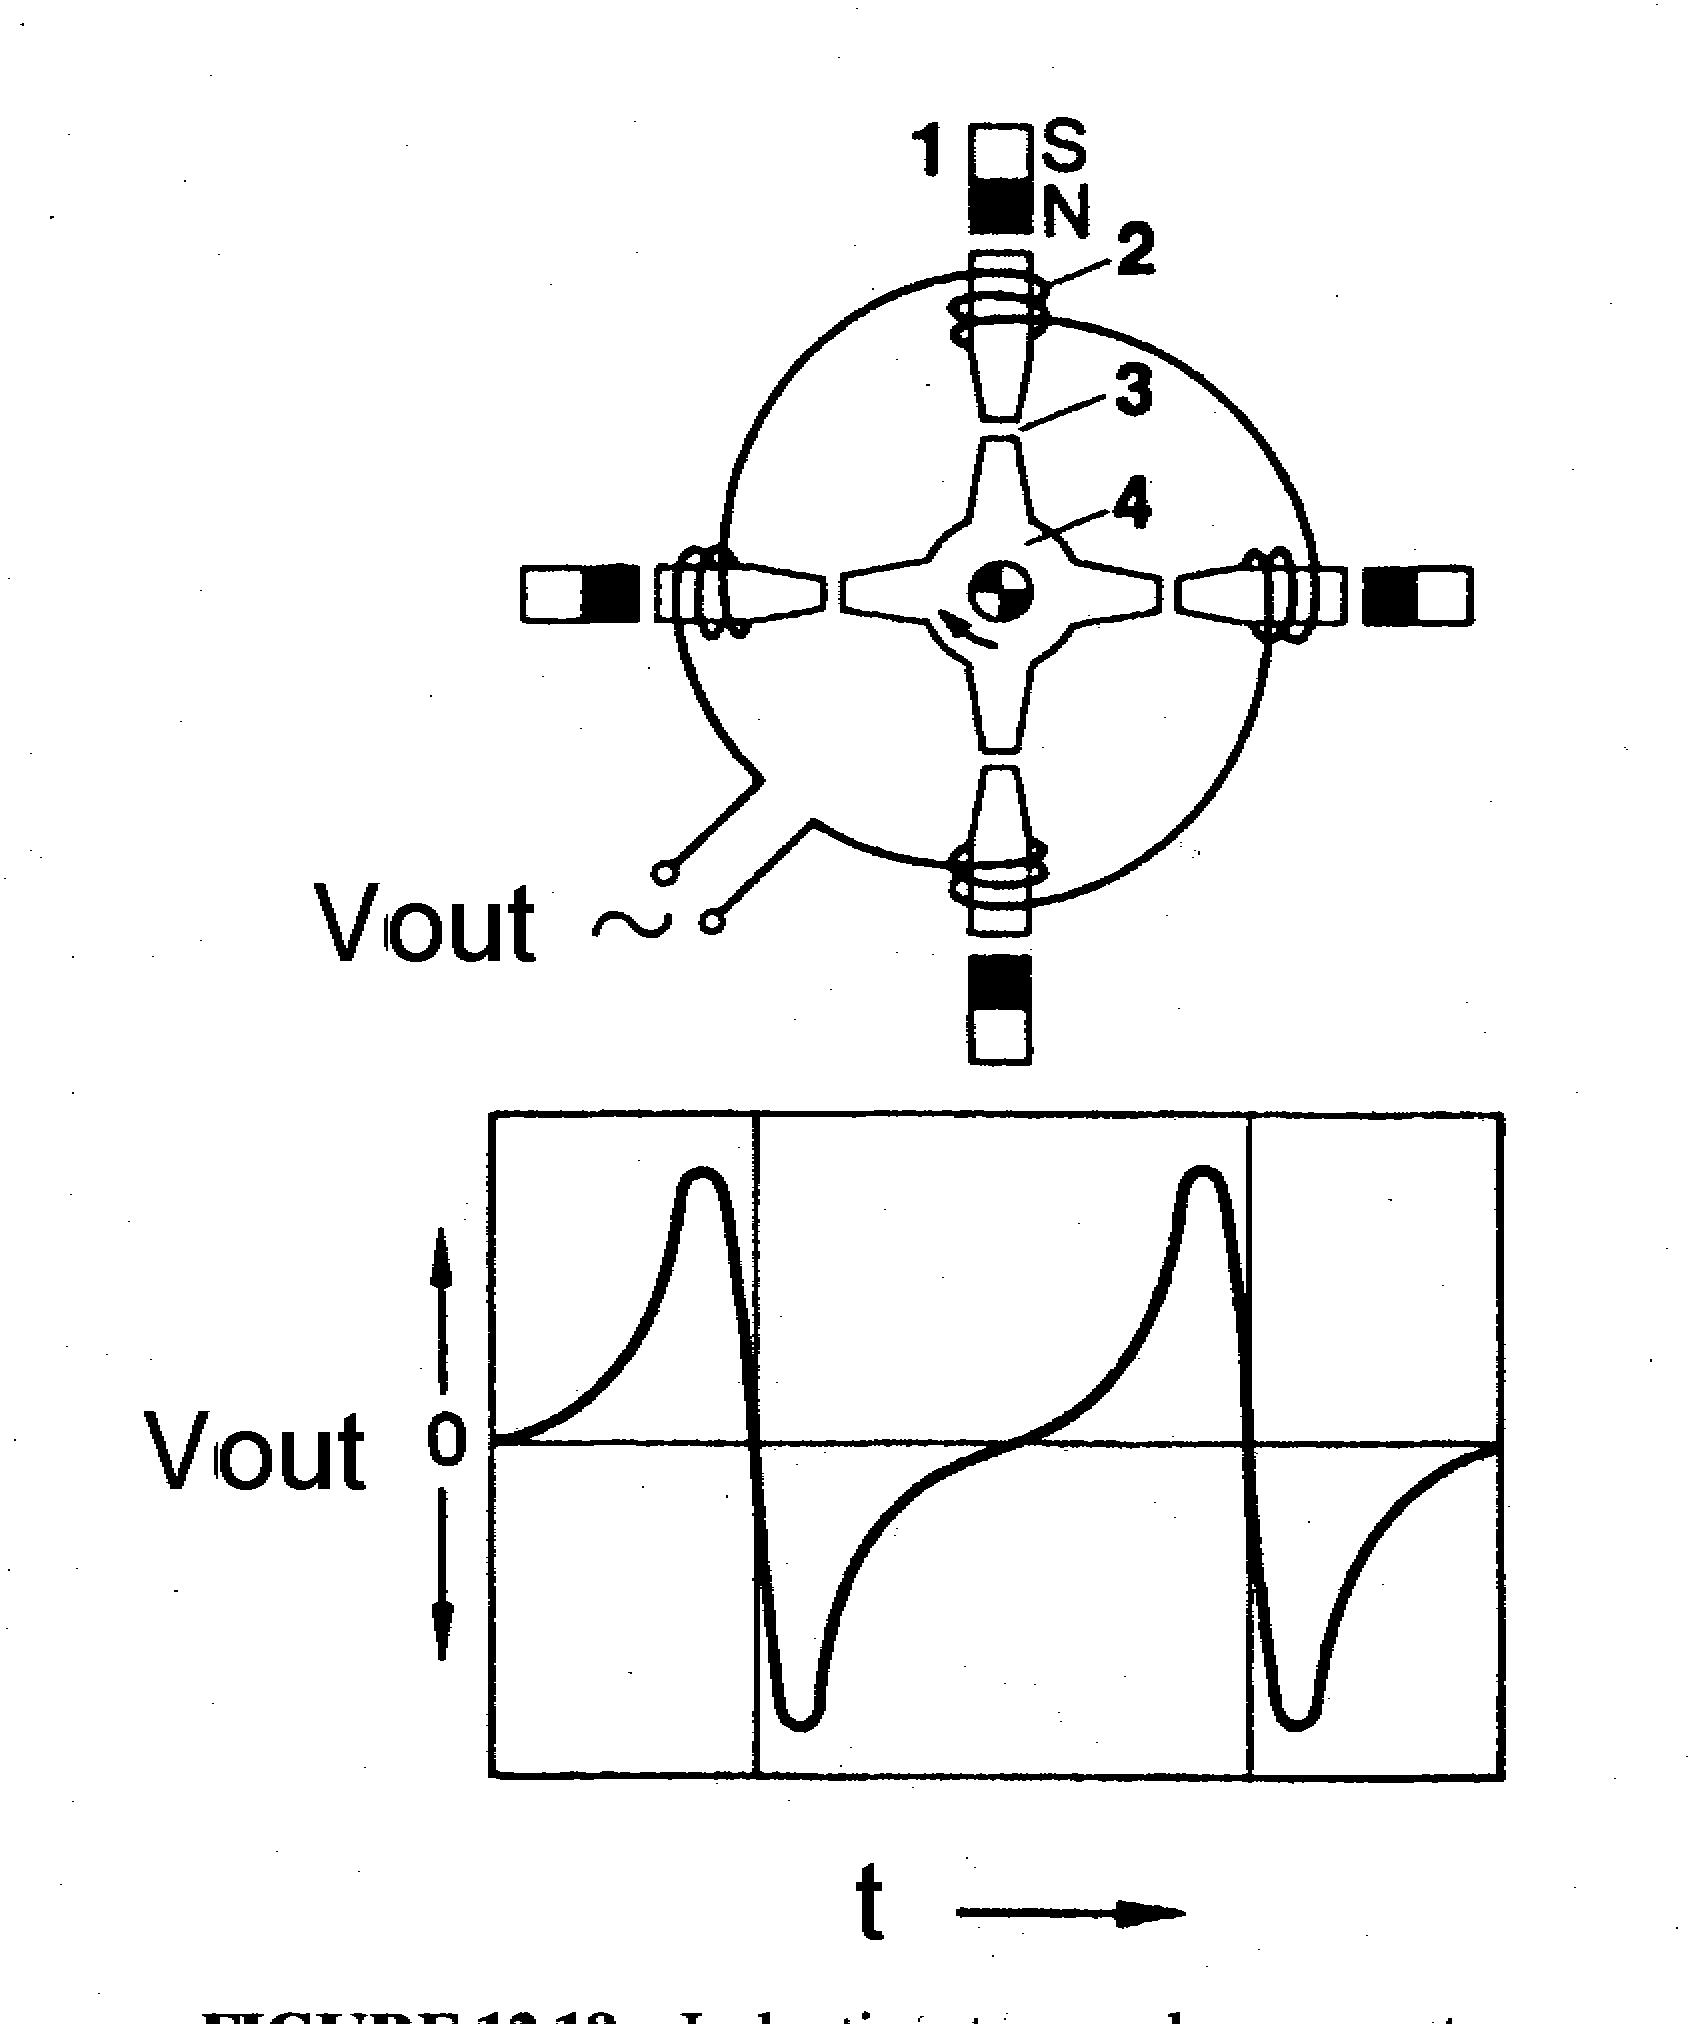 фотоэлектрические датчики схема